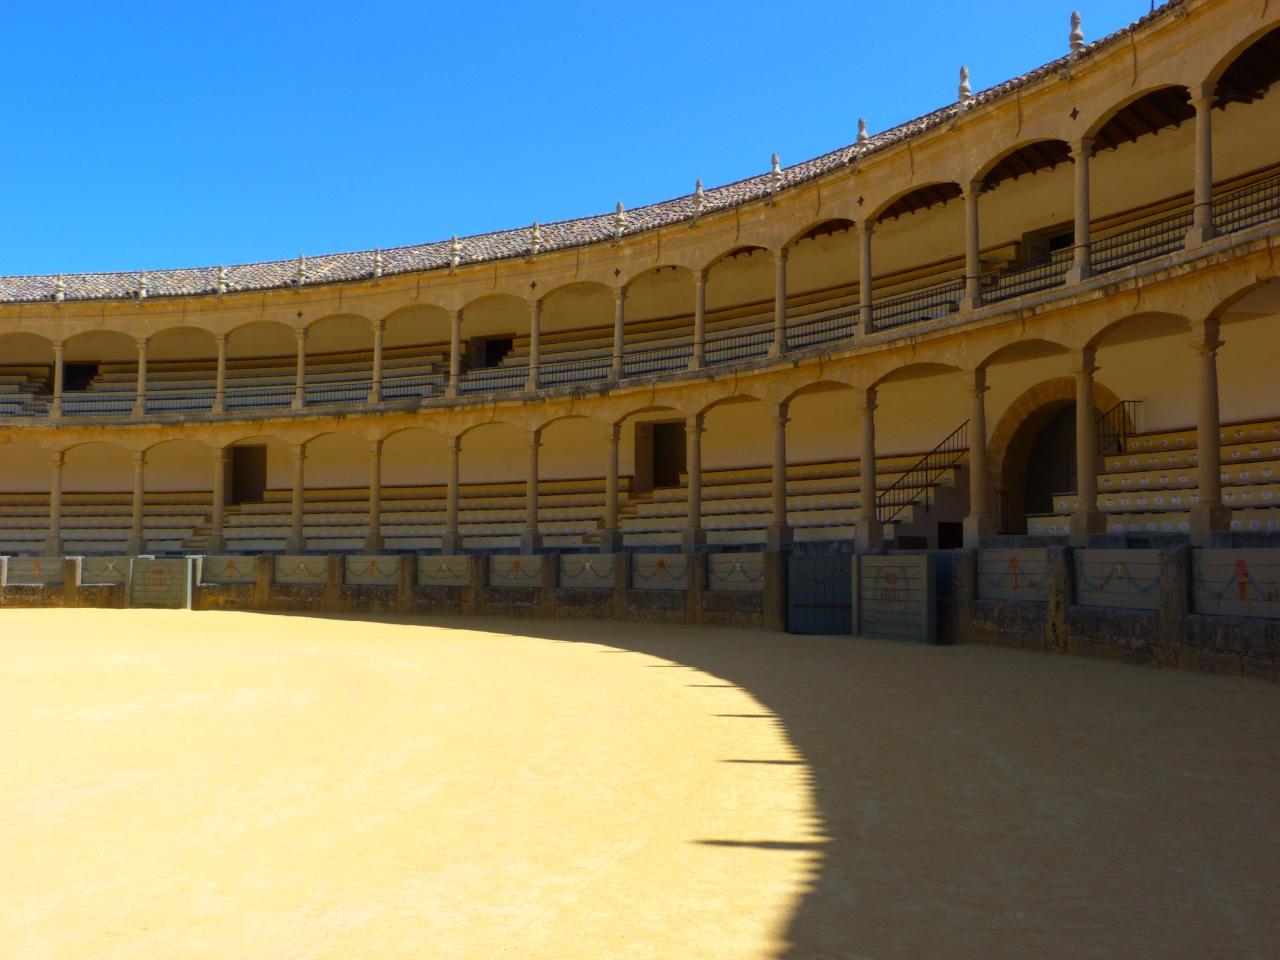 plaza-de-toros-ronda-spain.jpg